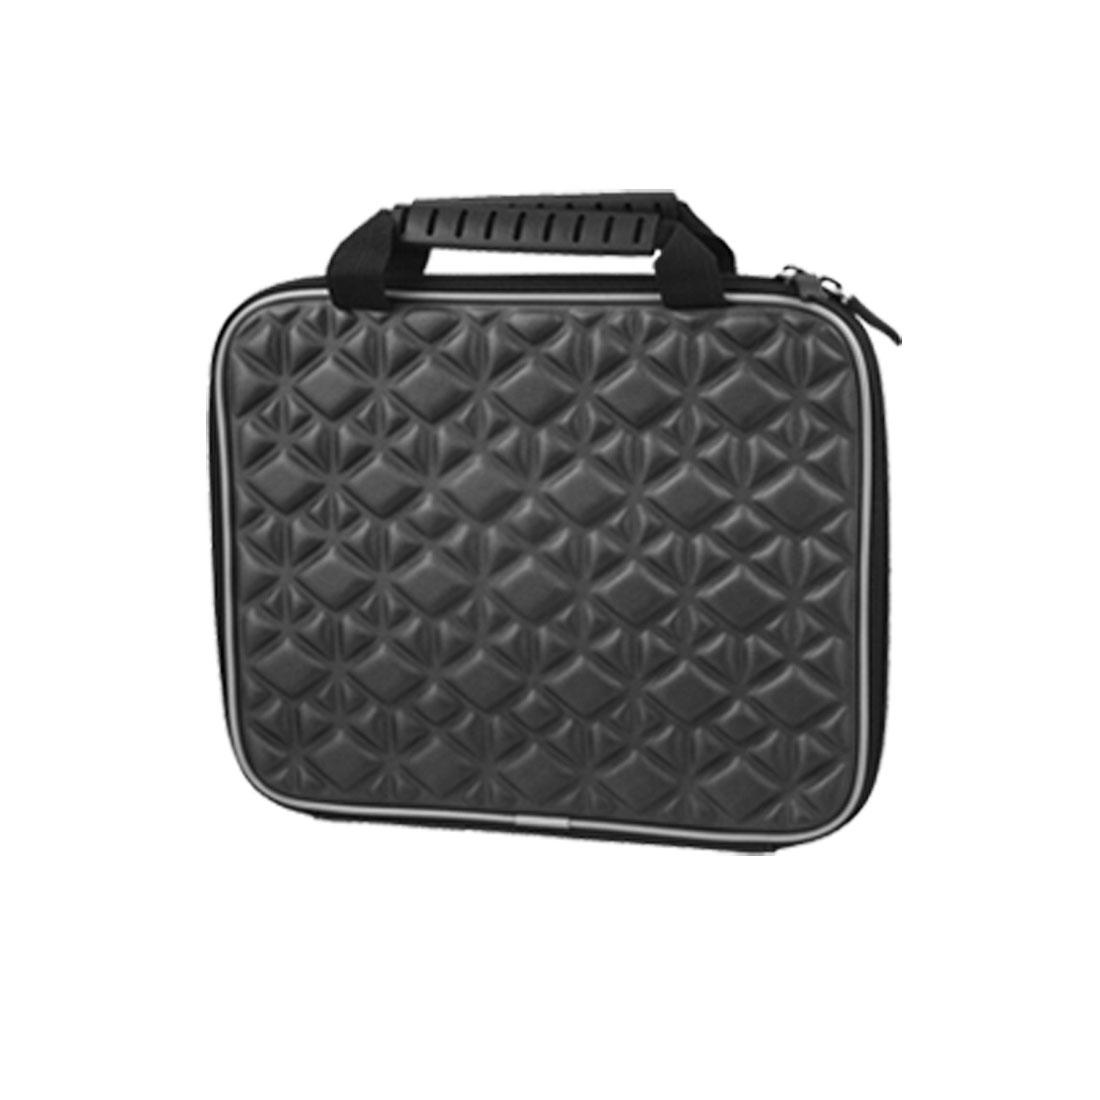 """10"""" Black Double Way Zip Up Carrying Handbag for Laptop"""